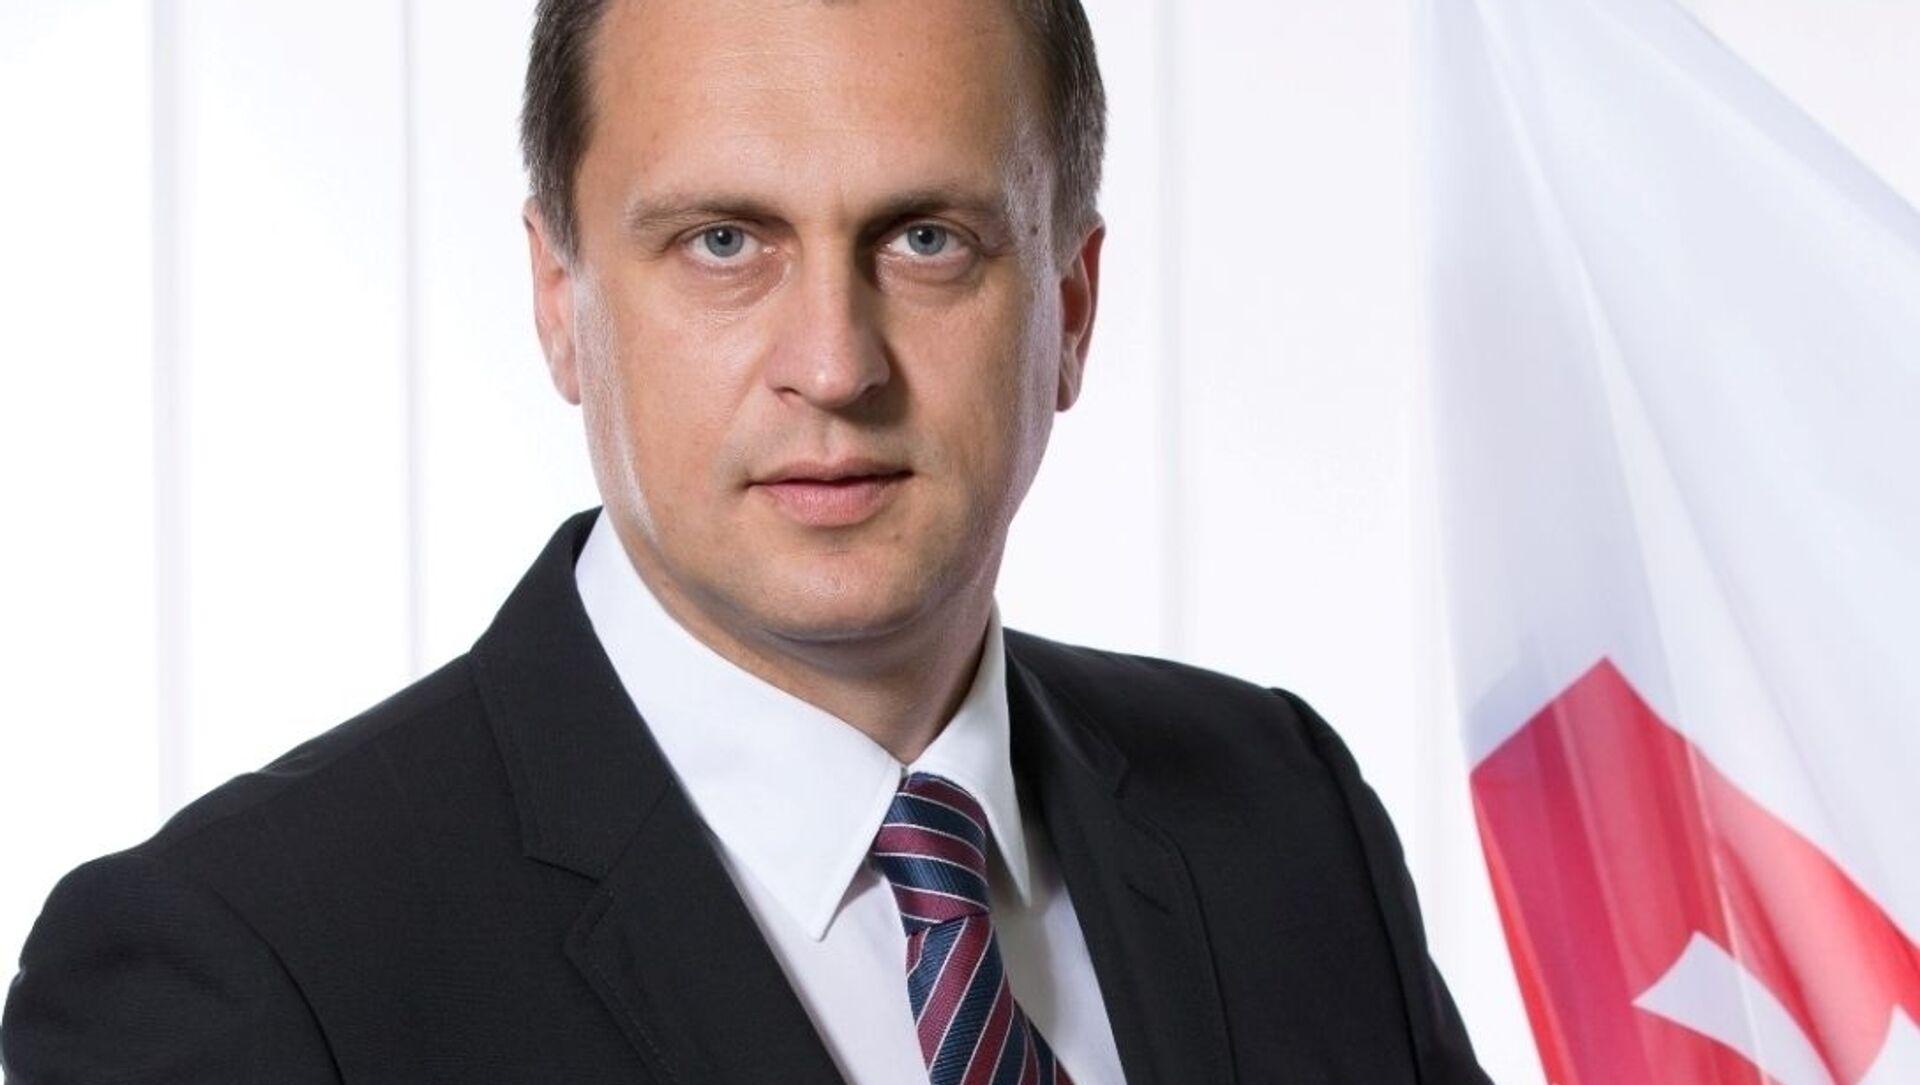 Bývalý předseda slovenské Národní rady Andrej Danko - Sputnik Česká republika, 1920, 18.02.2021